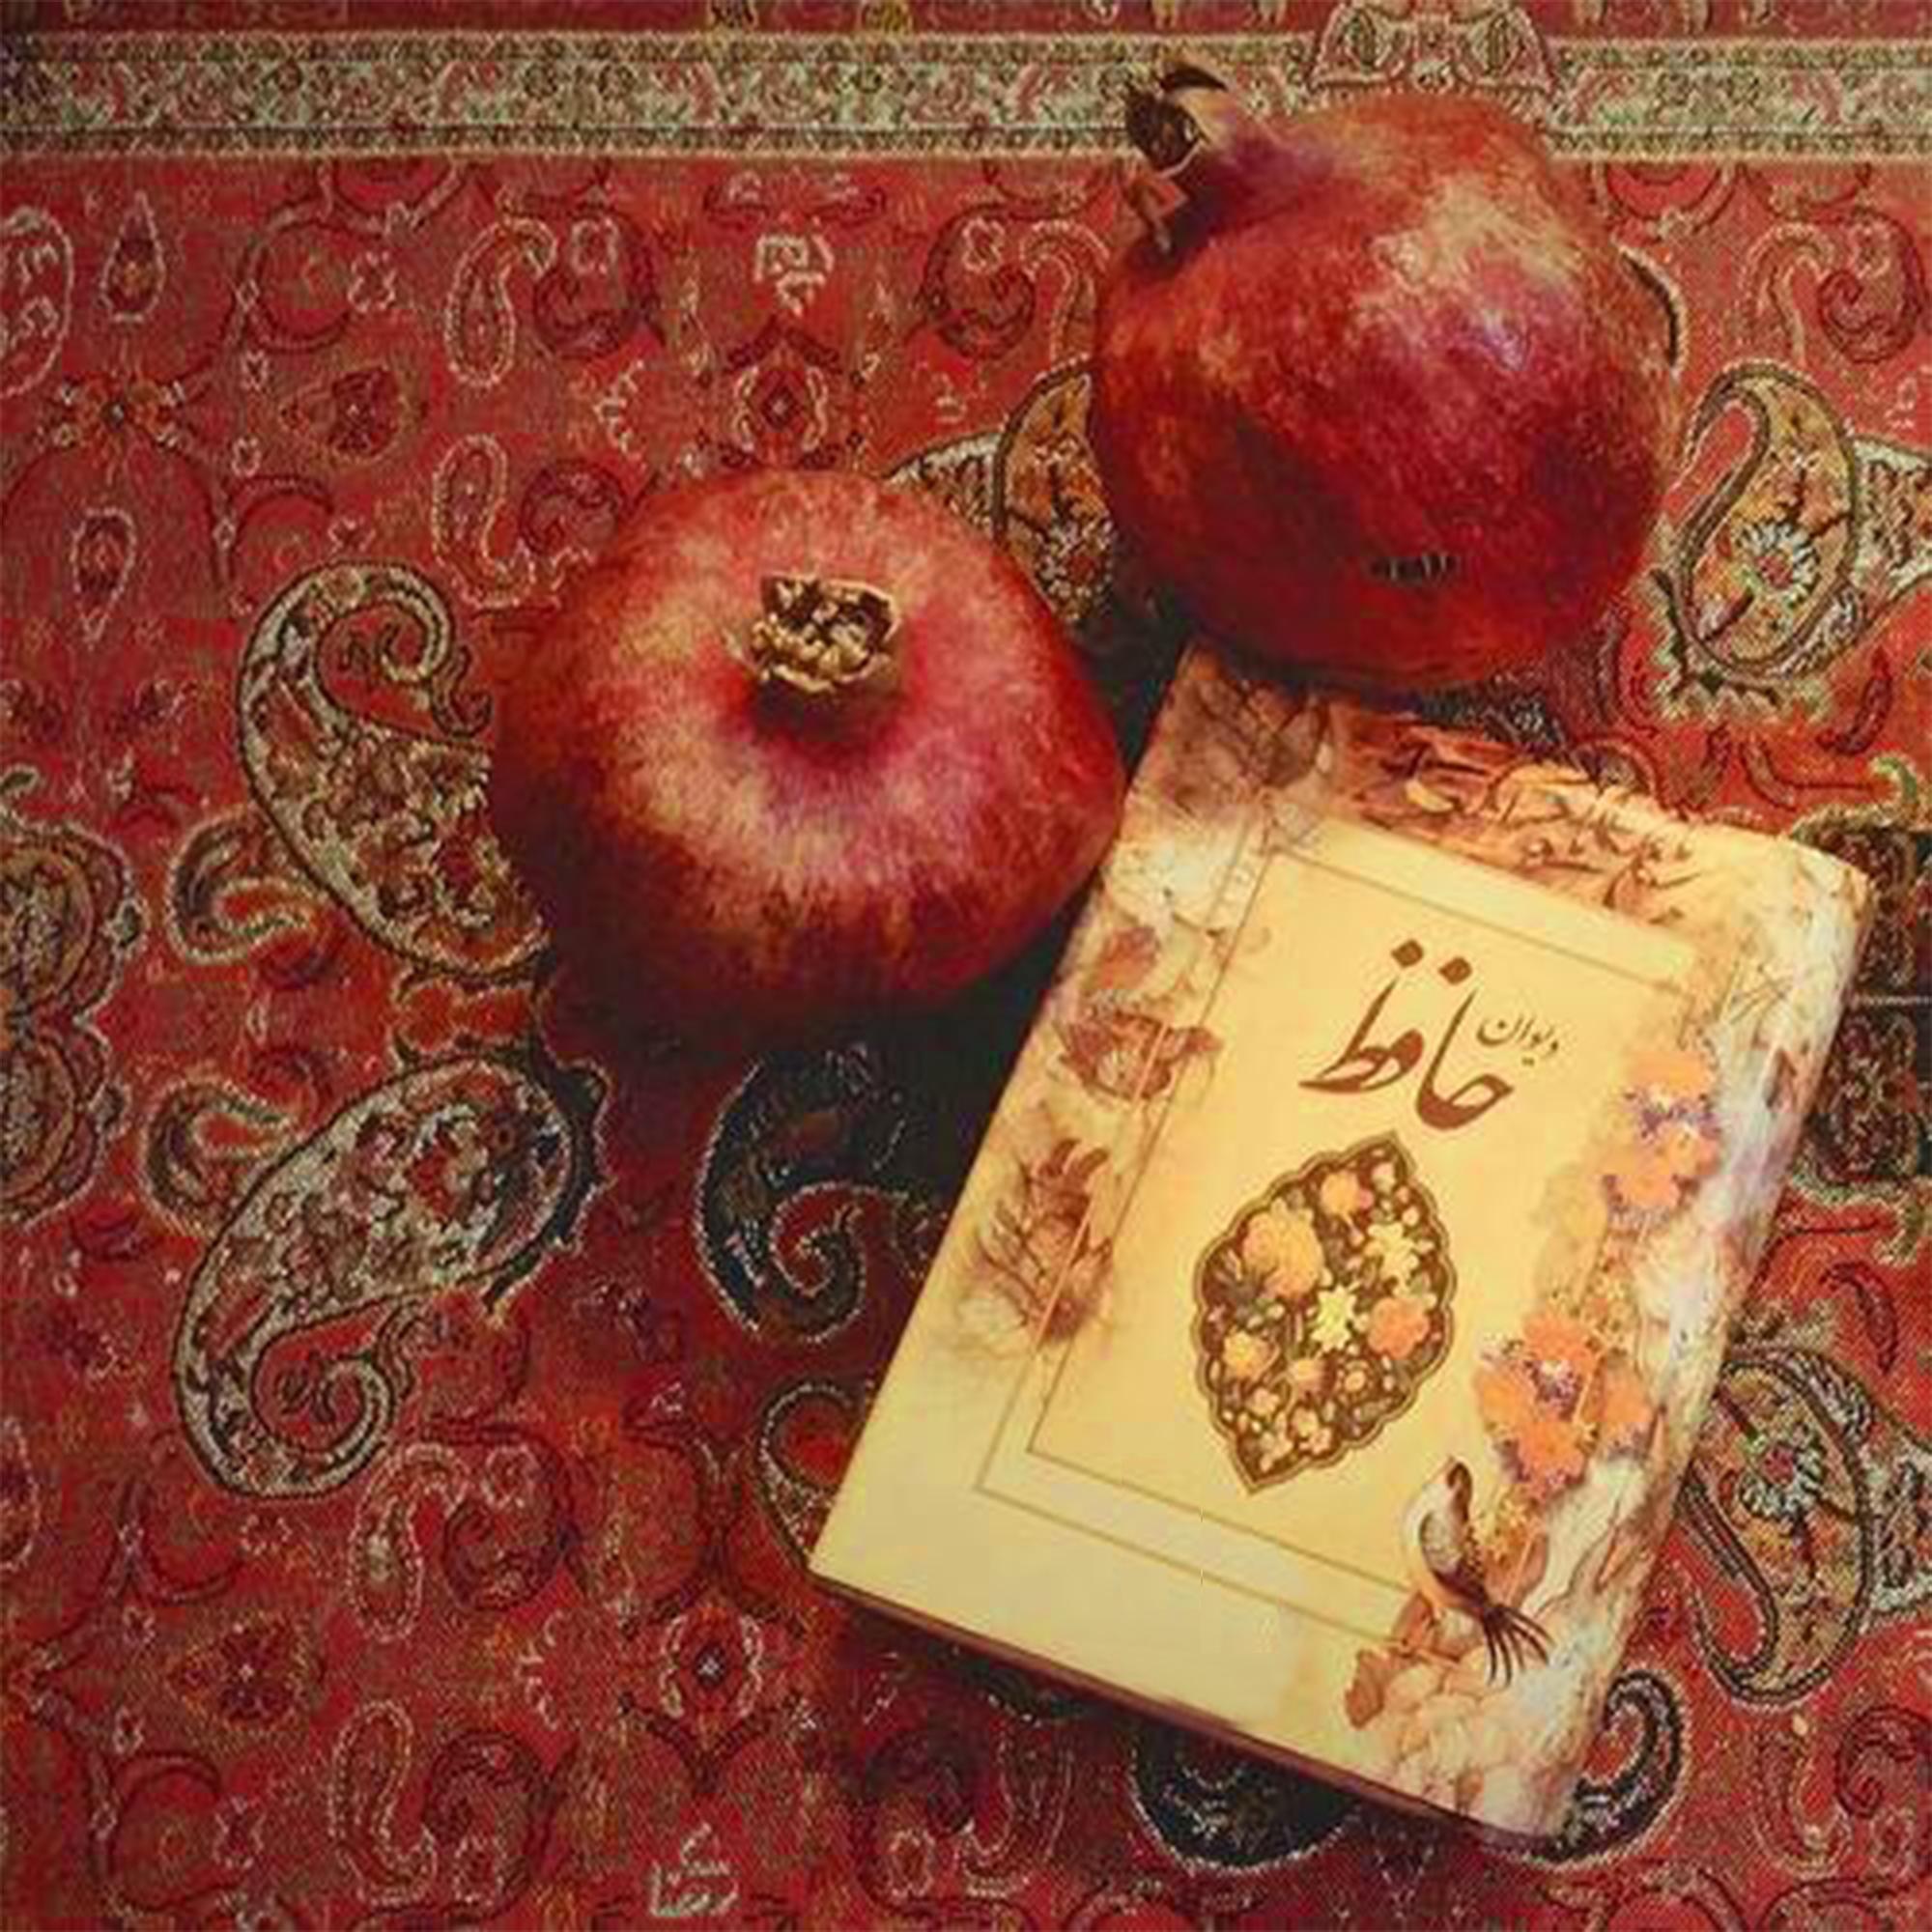 کتاب حافظ و انار در داستان اناری که دلم بود برای تمرین چهارم داستان نویسی